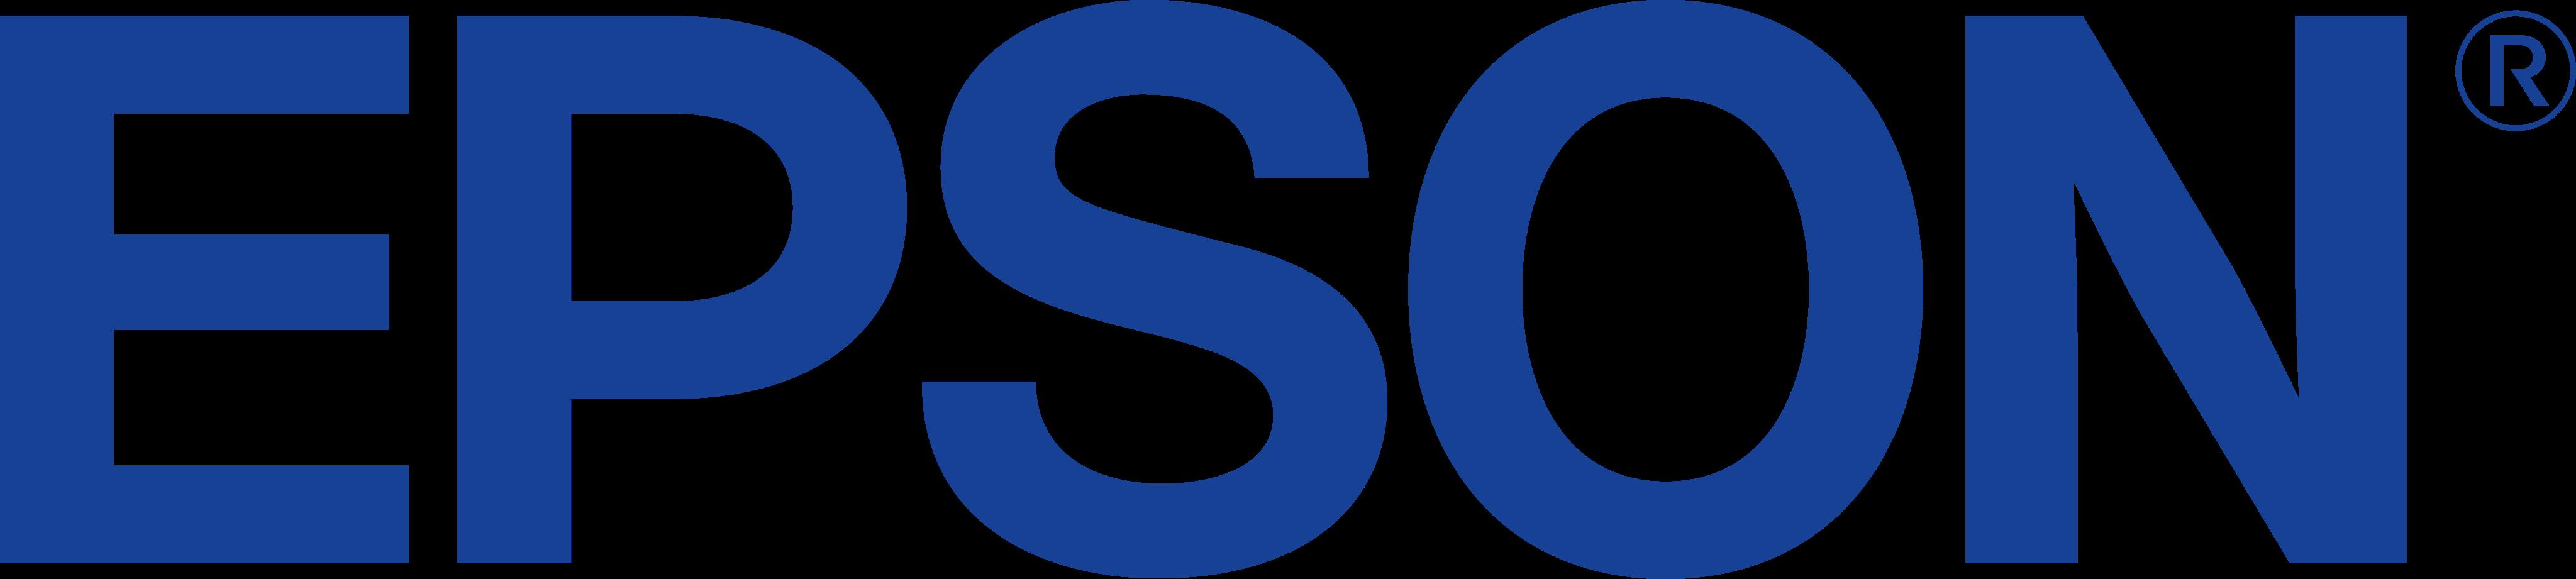 epson logo 9 - Epson Logo